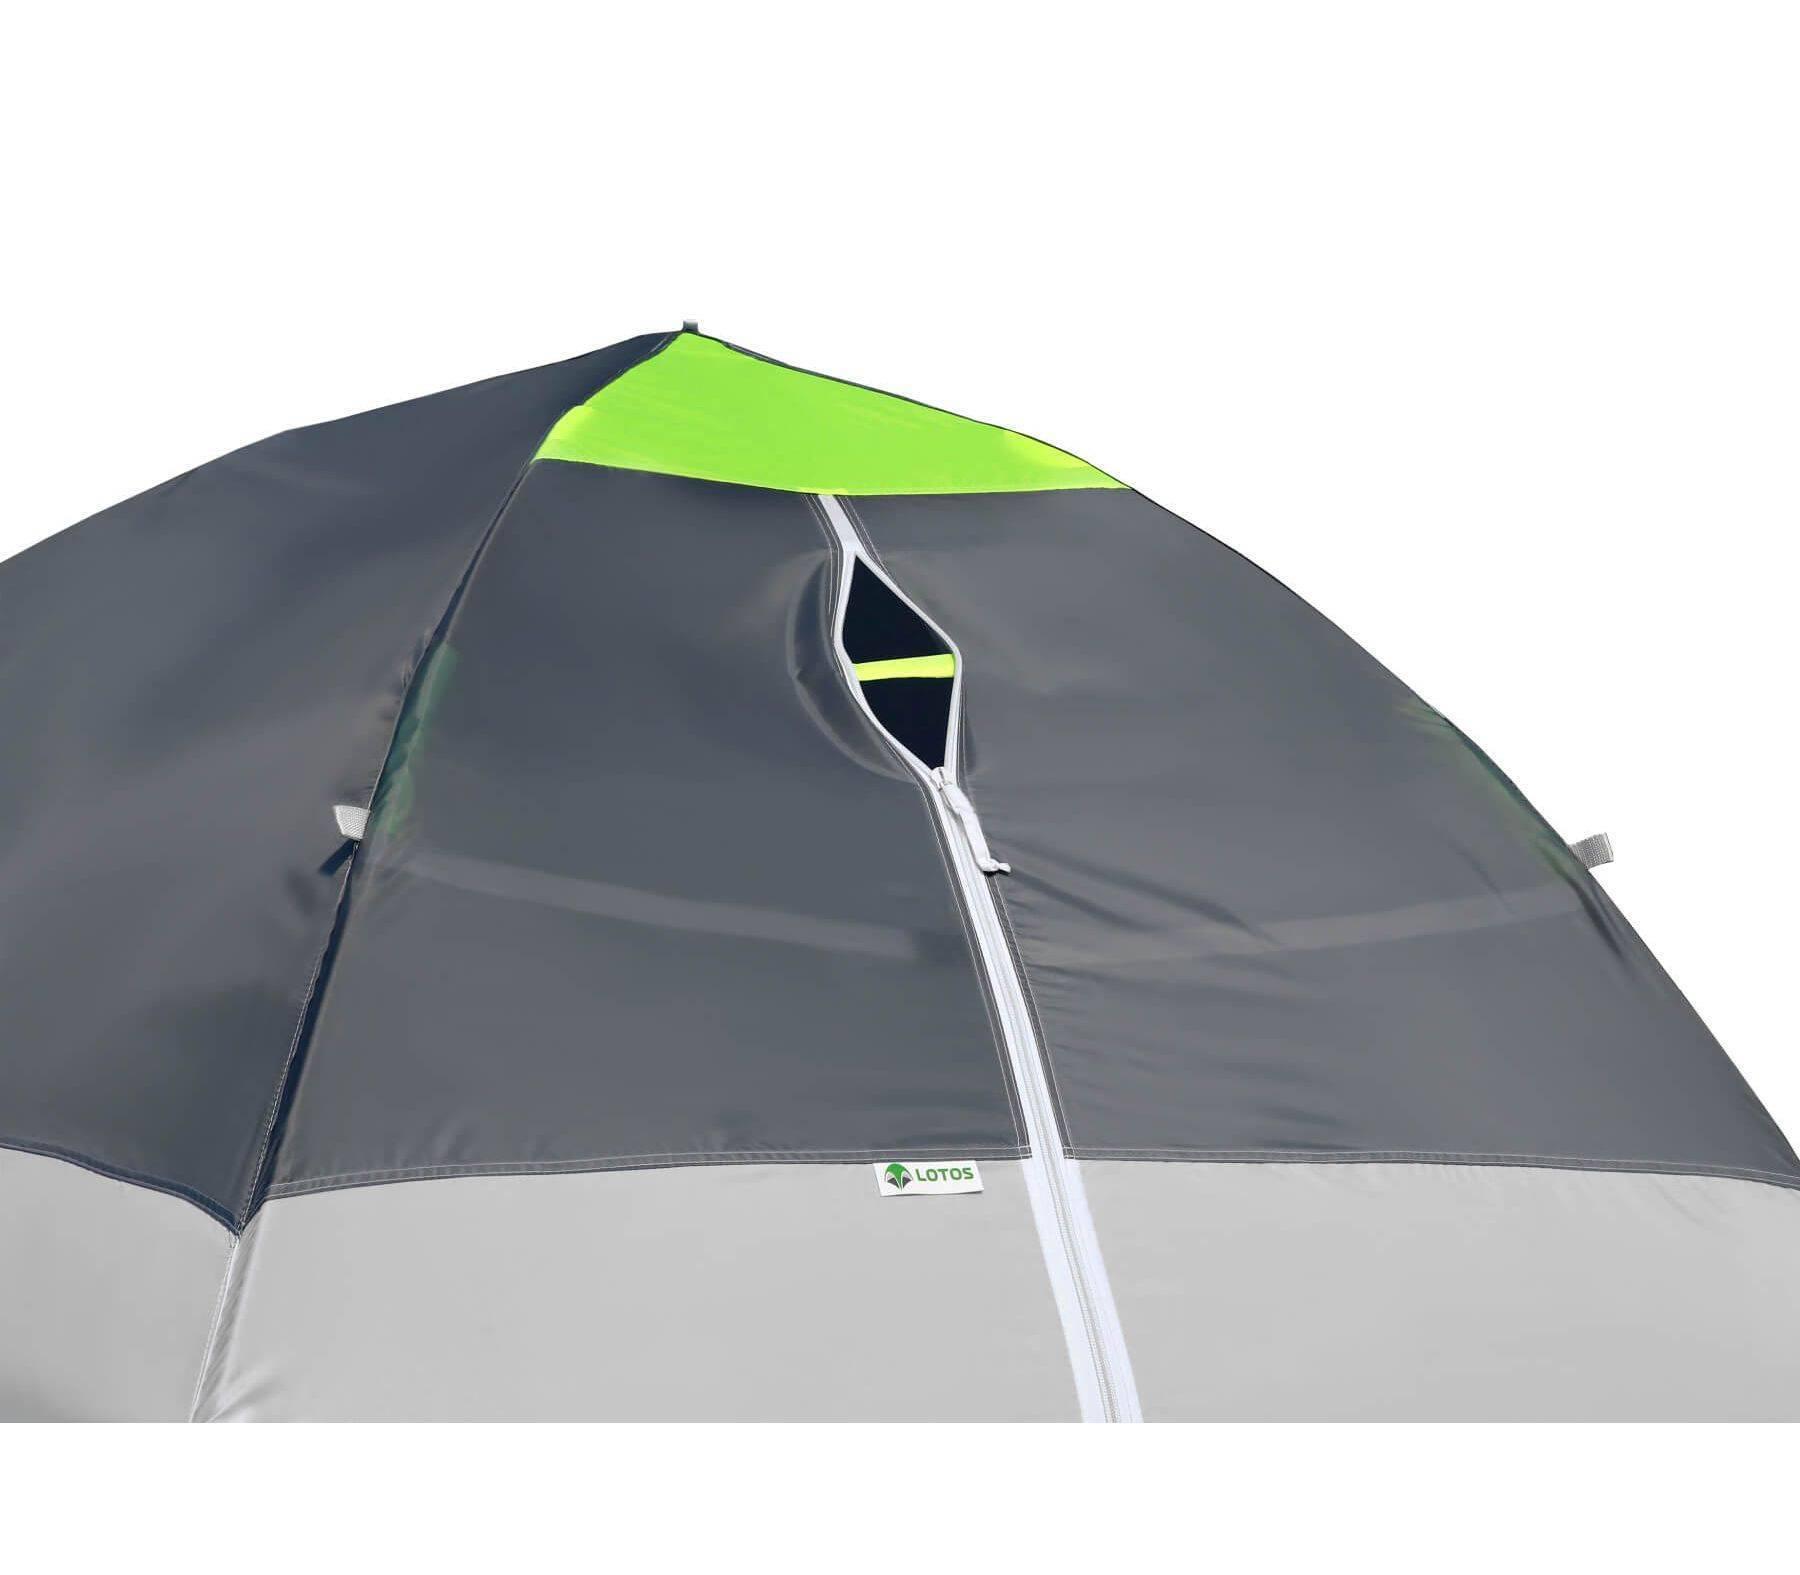 Рейтинг зимних палаток для рыбалки и туризма - топ моделей